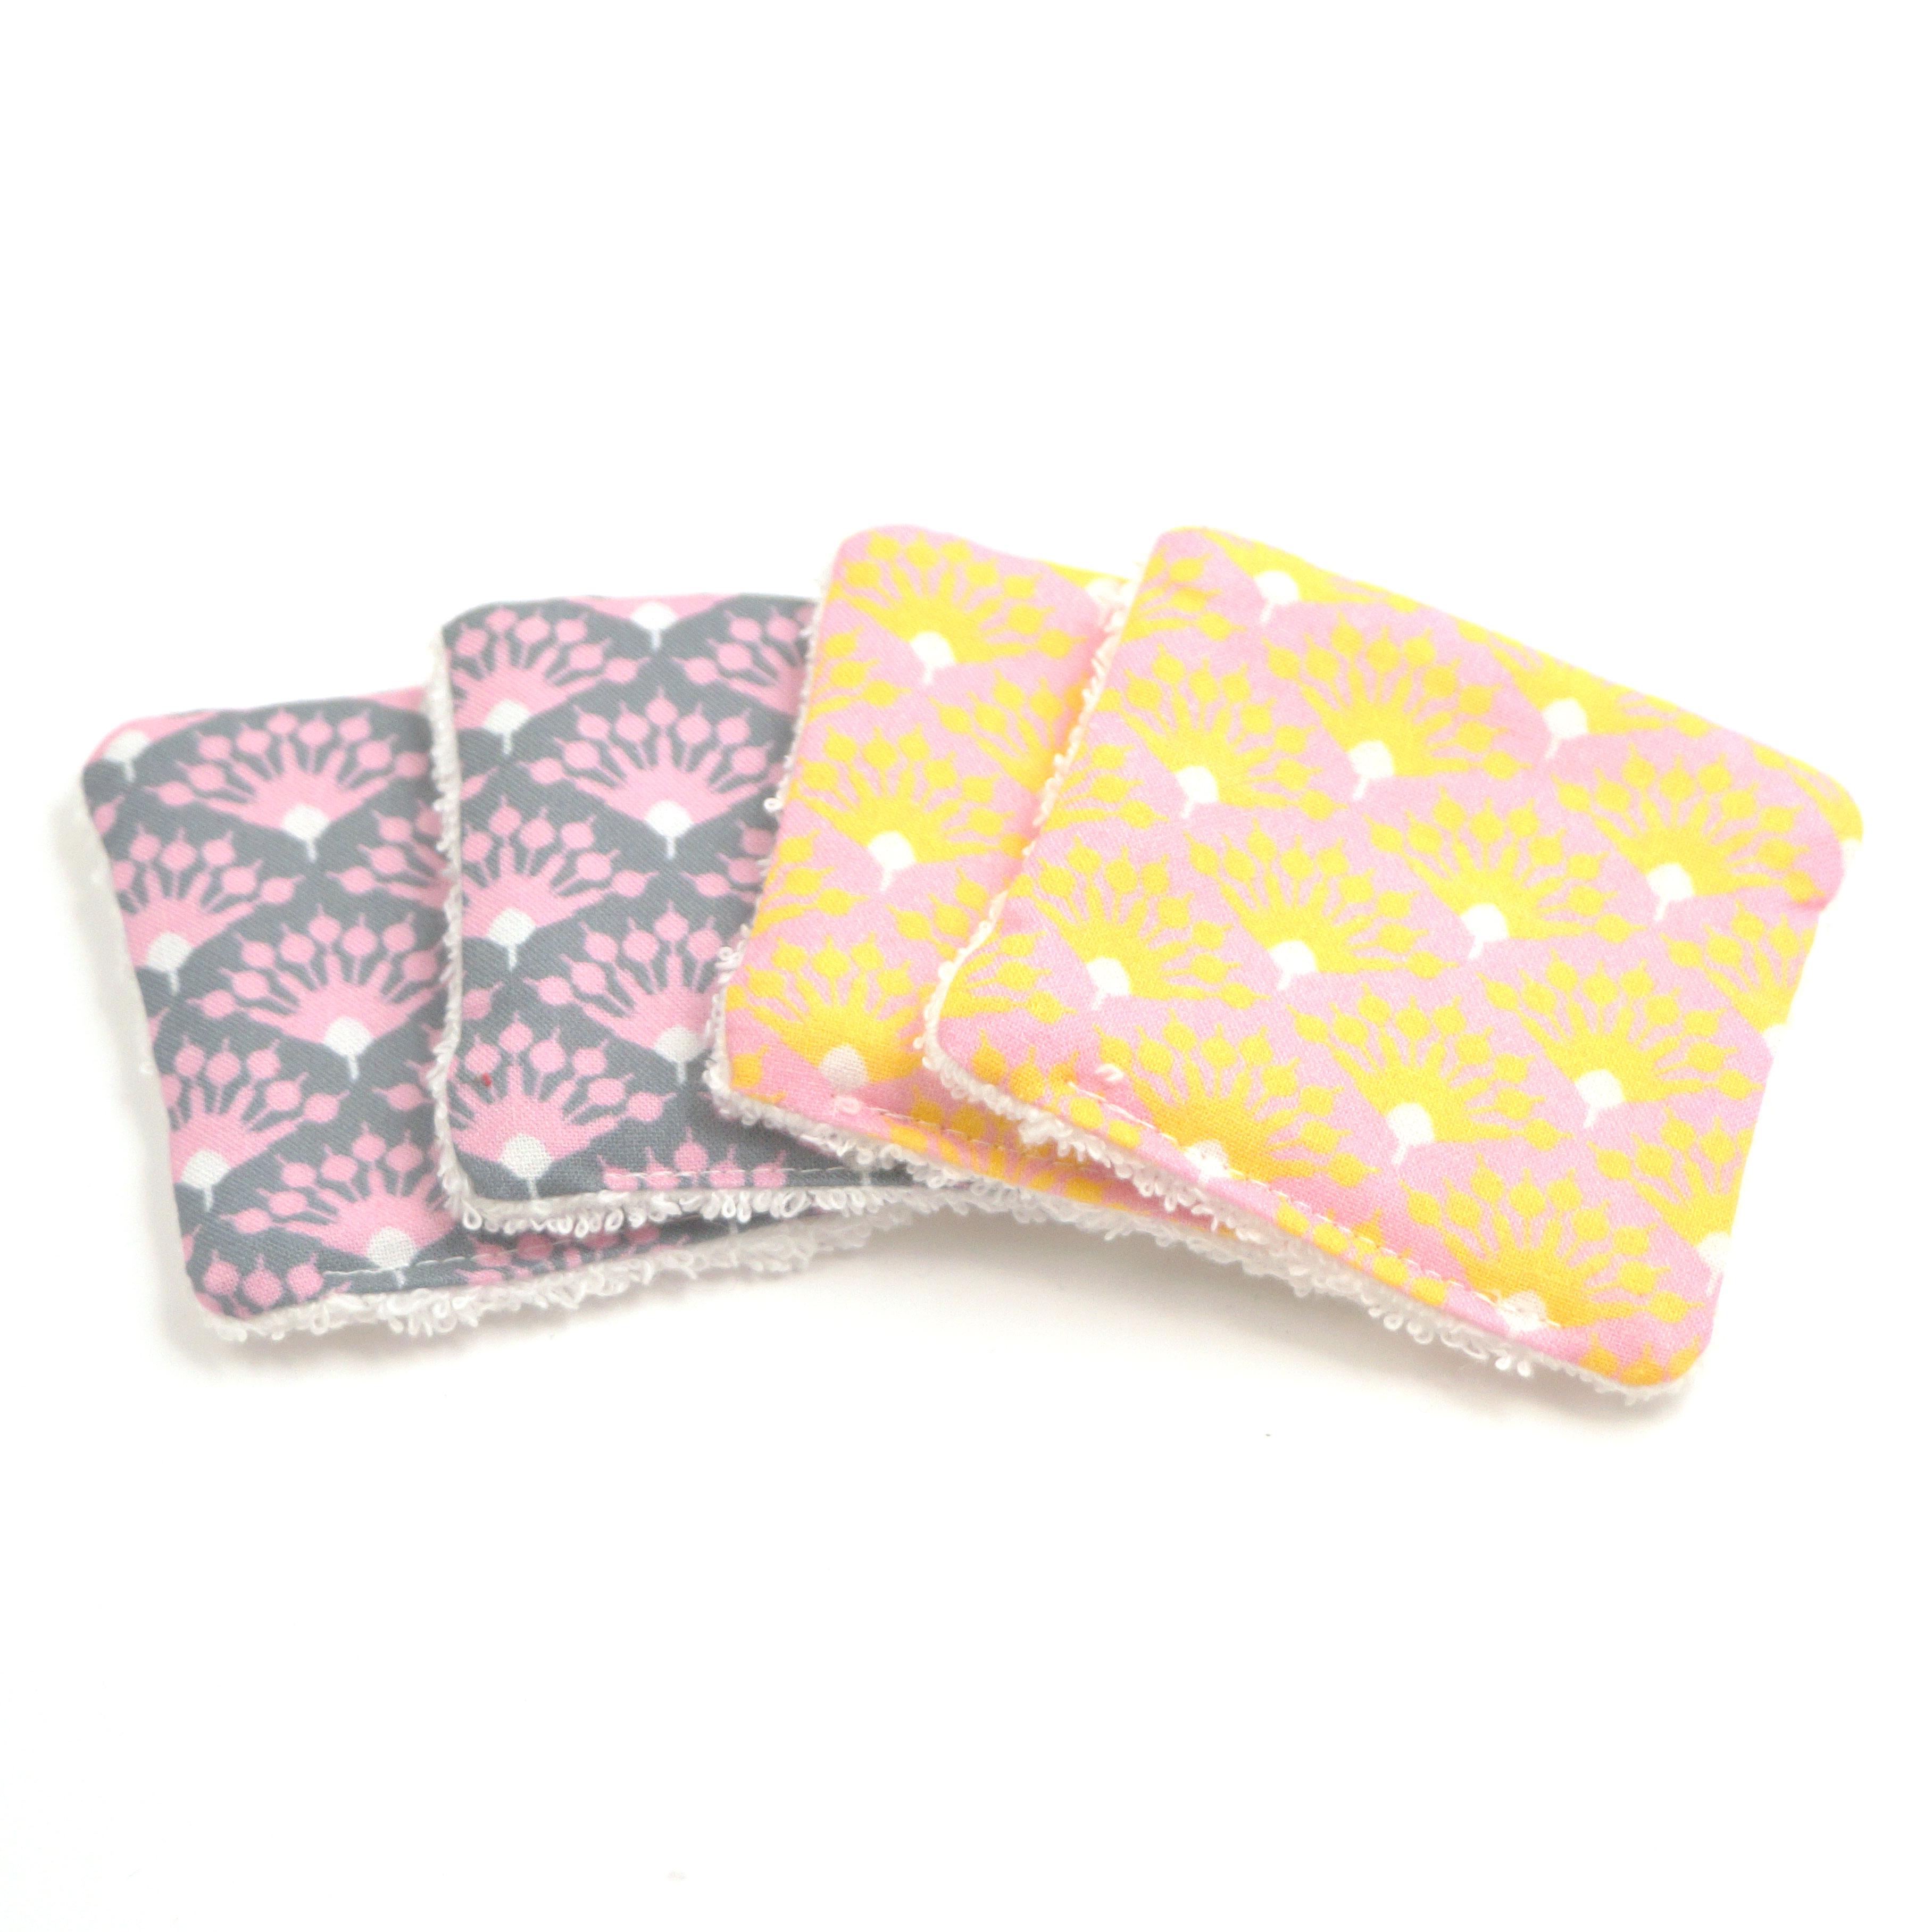 Abschmickpads 4er Pack rosa